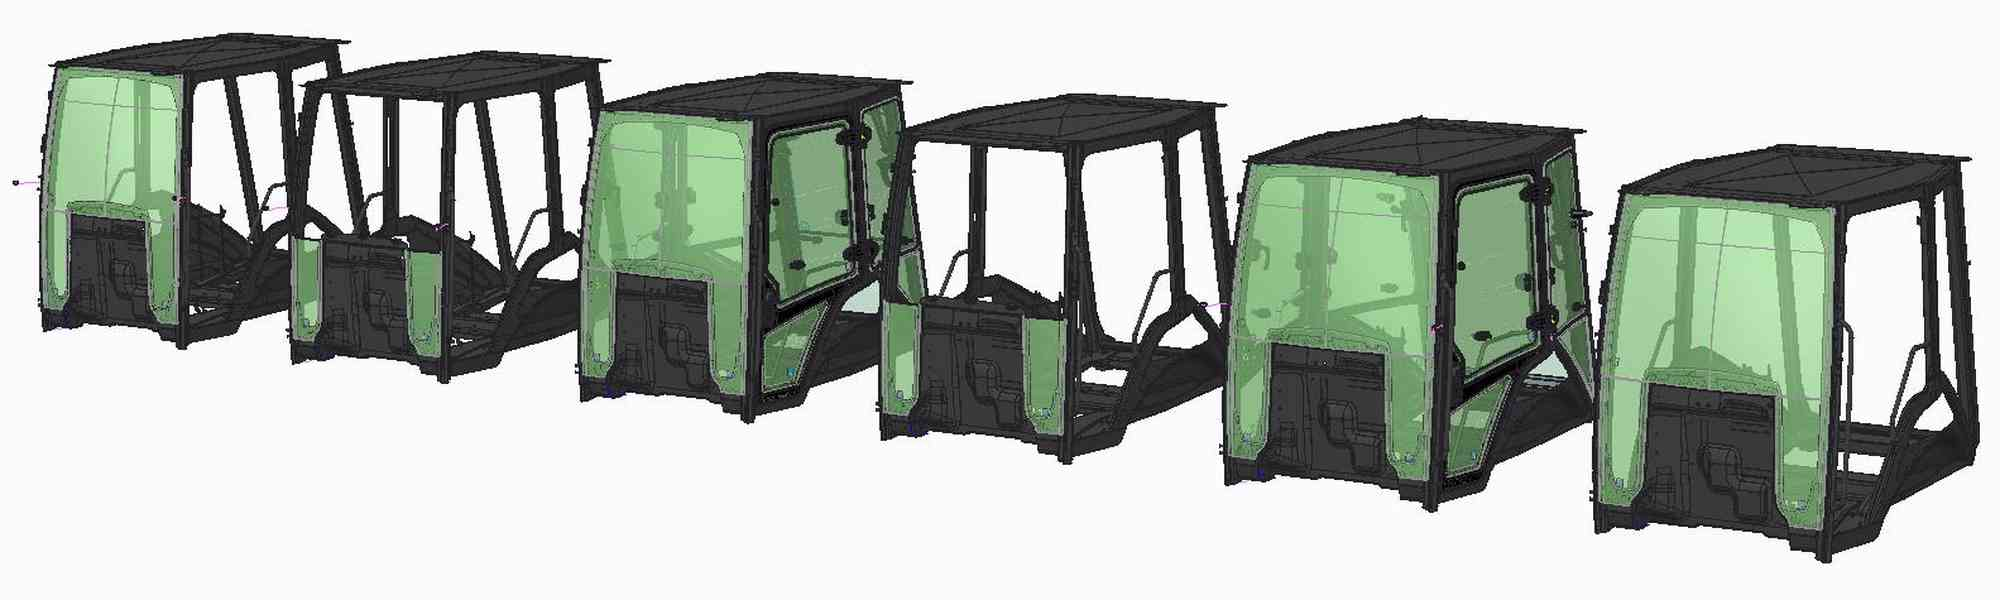 Backhoe loader cab